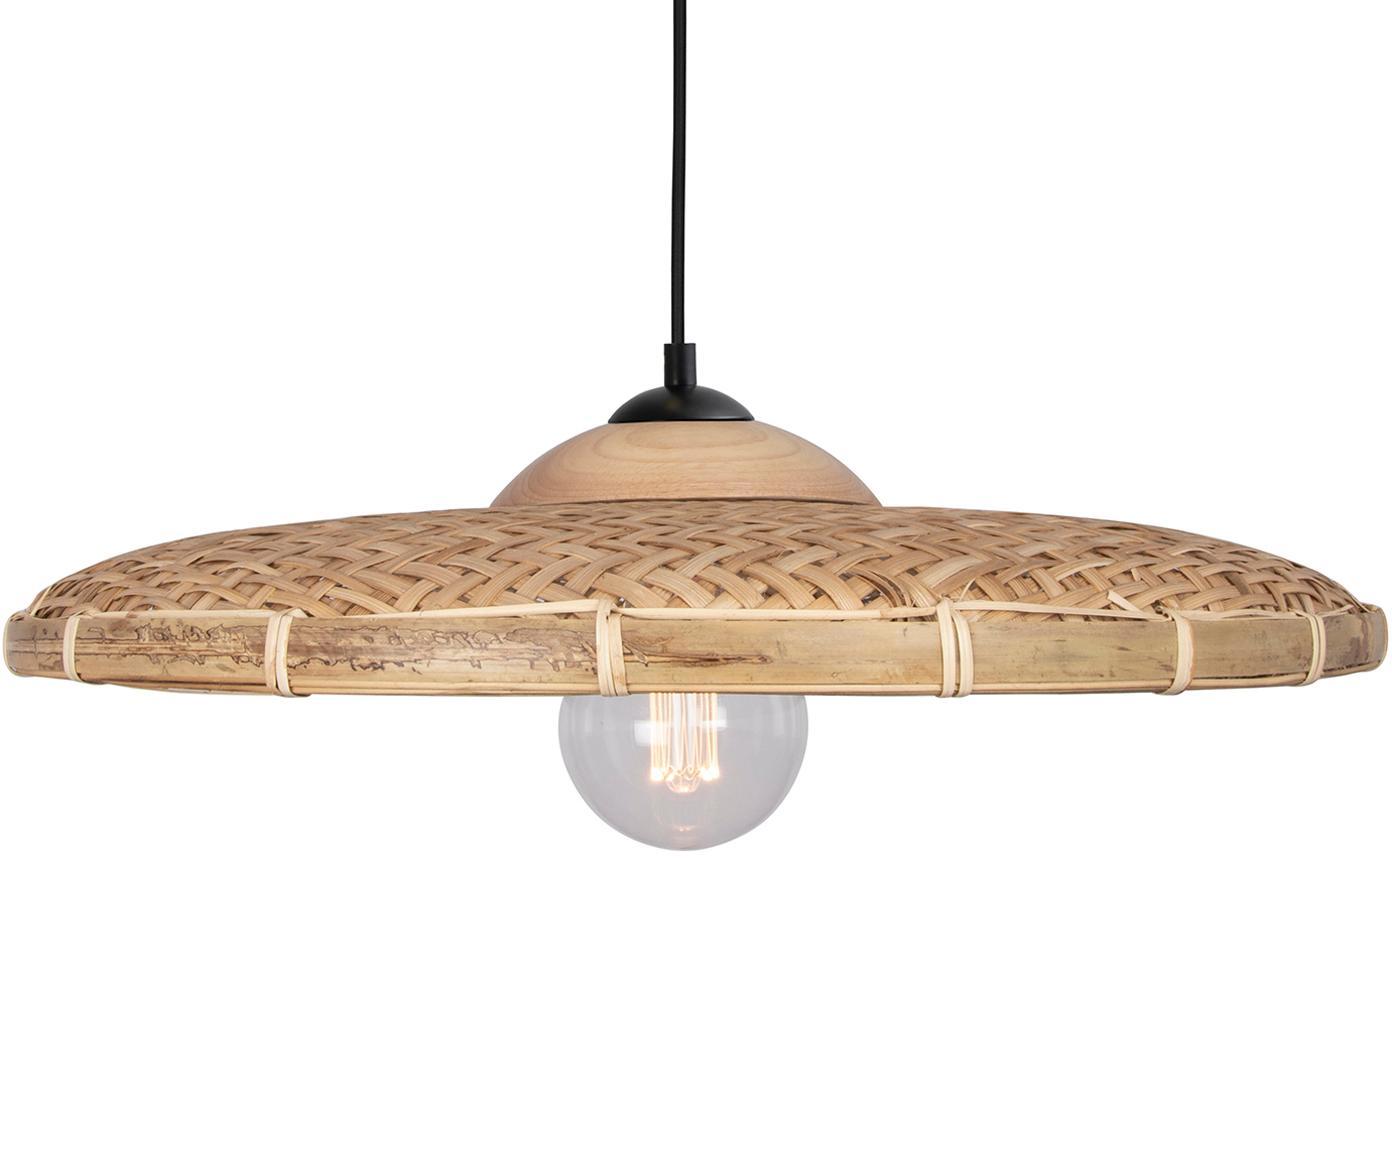 Lampada a sospensione in rattan Aruba, Paralume: rattan, Baldacchino: metallo rivestito, Rattan, Ø 50 x Alt. 15 cm